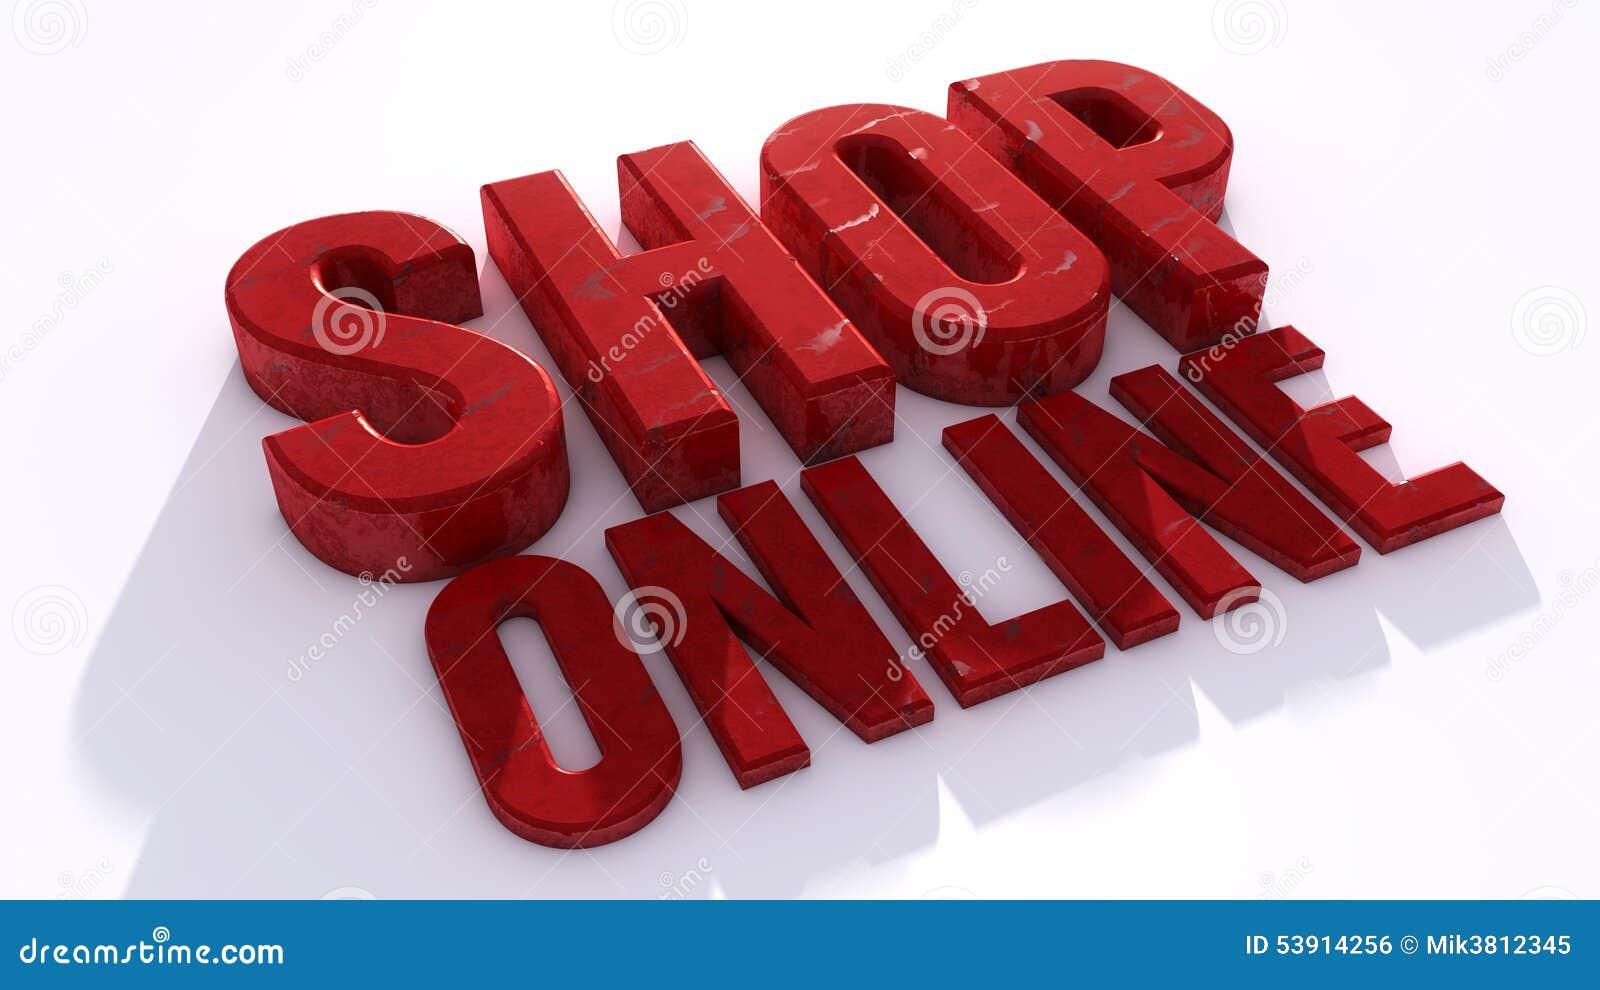 Shop online stock illustration image 53914256 for D sign shop